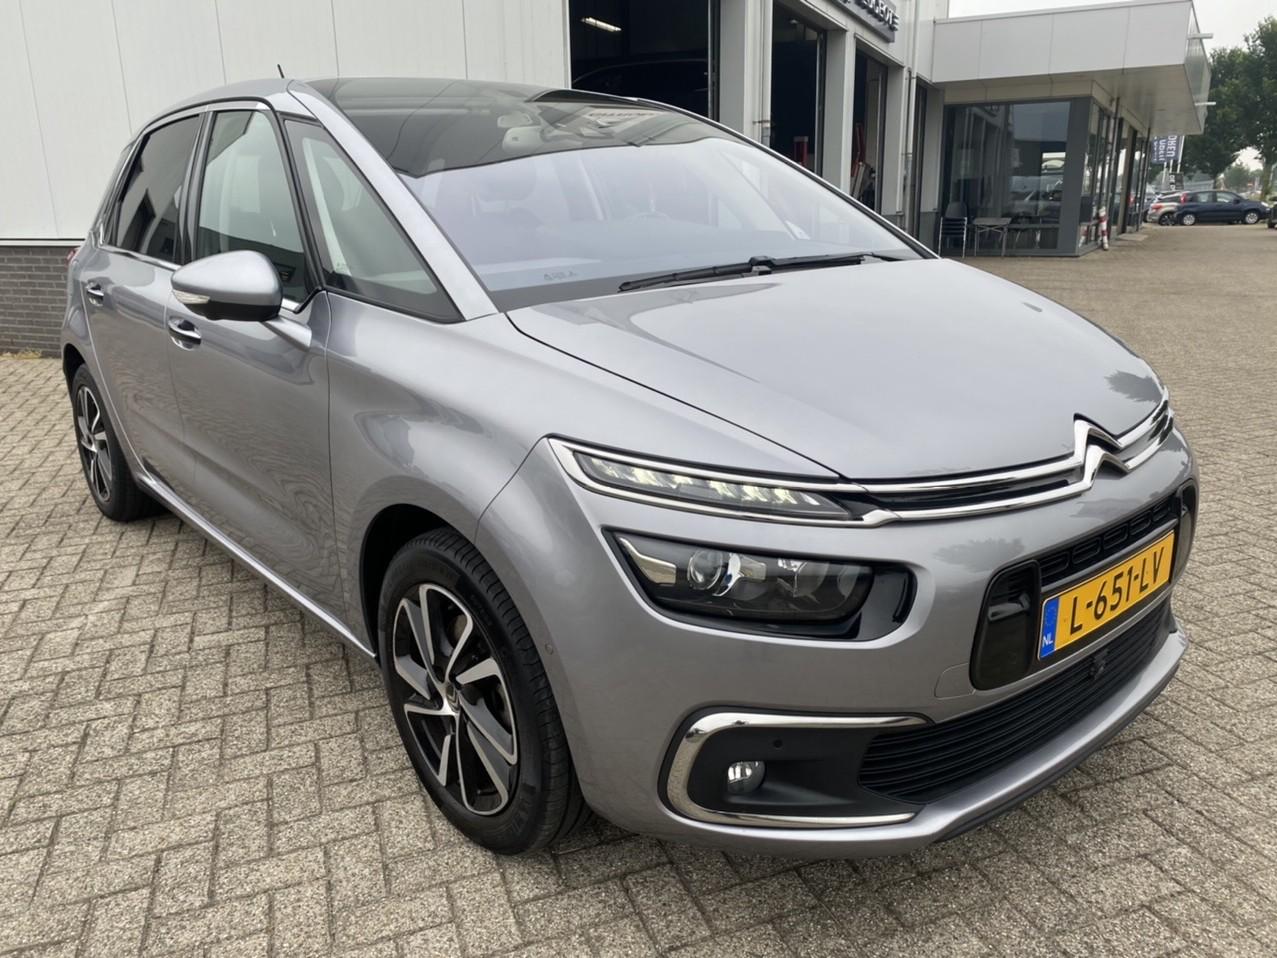 Citroën C4 Picasso 165 pk automaat full options rijklaar prijs